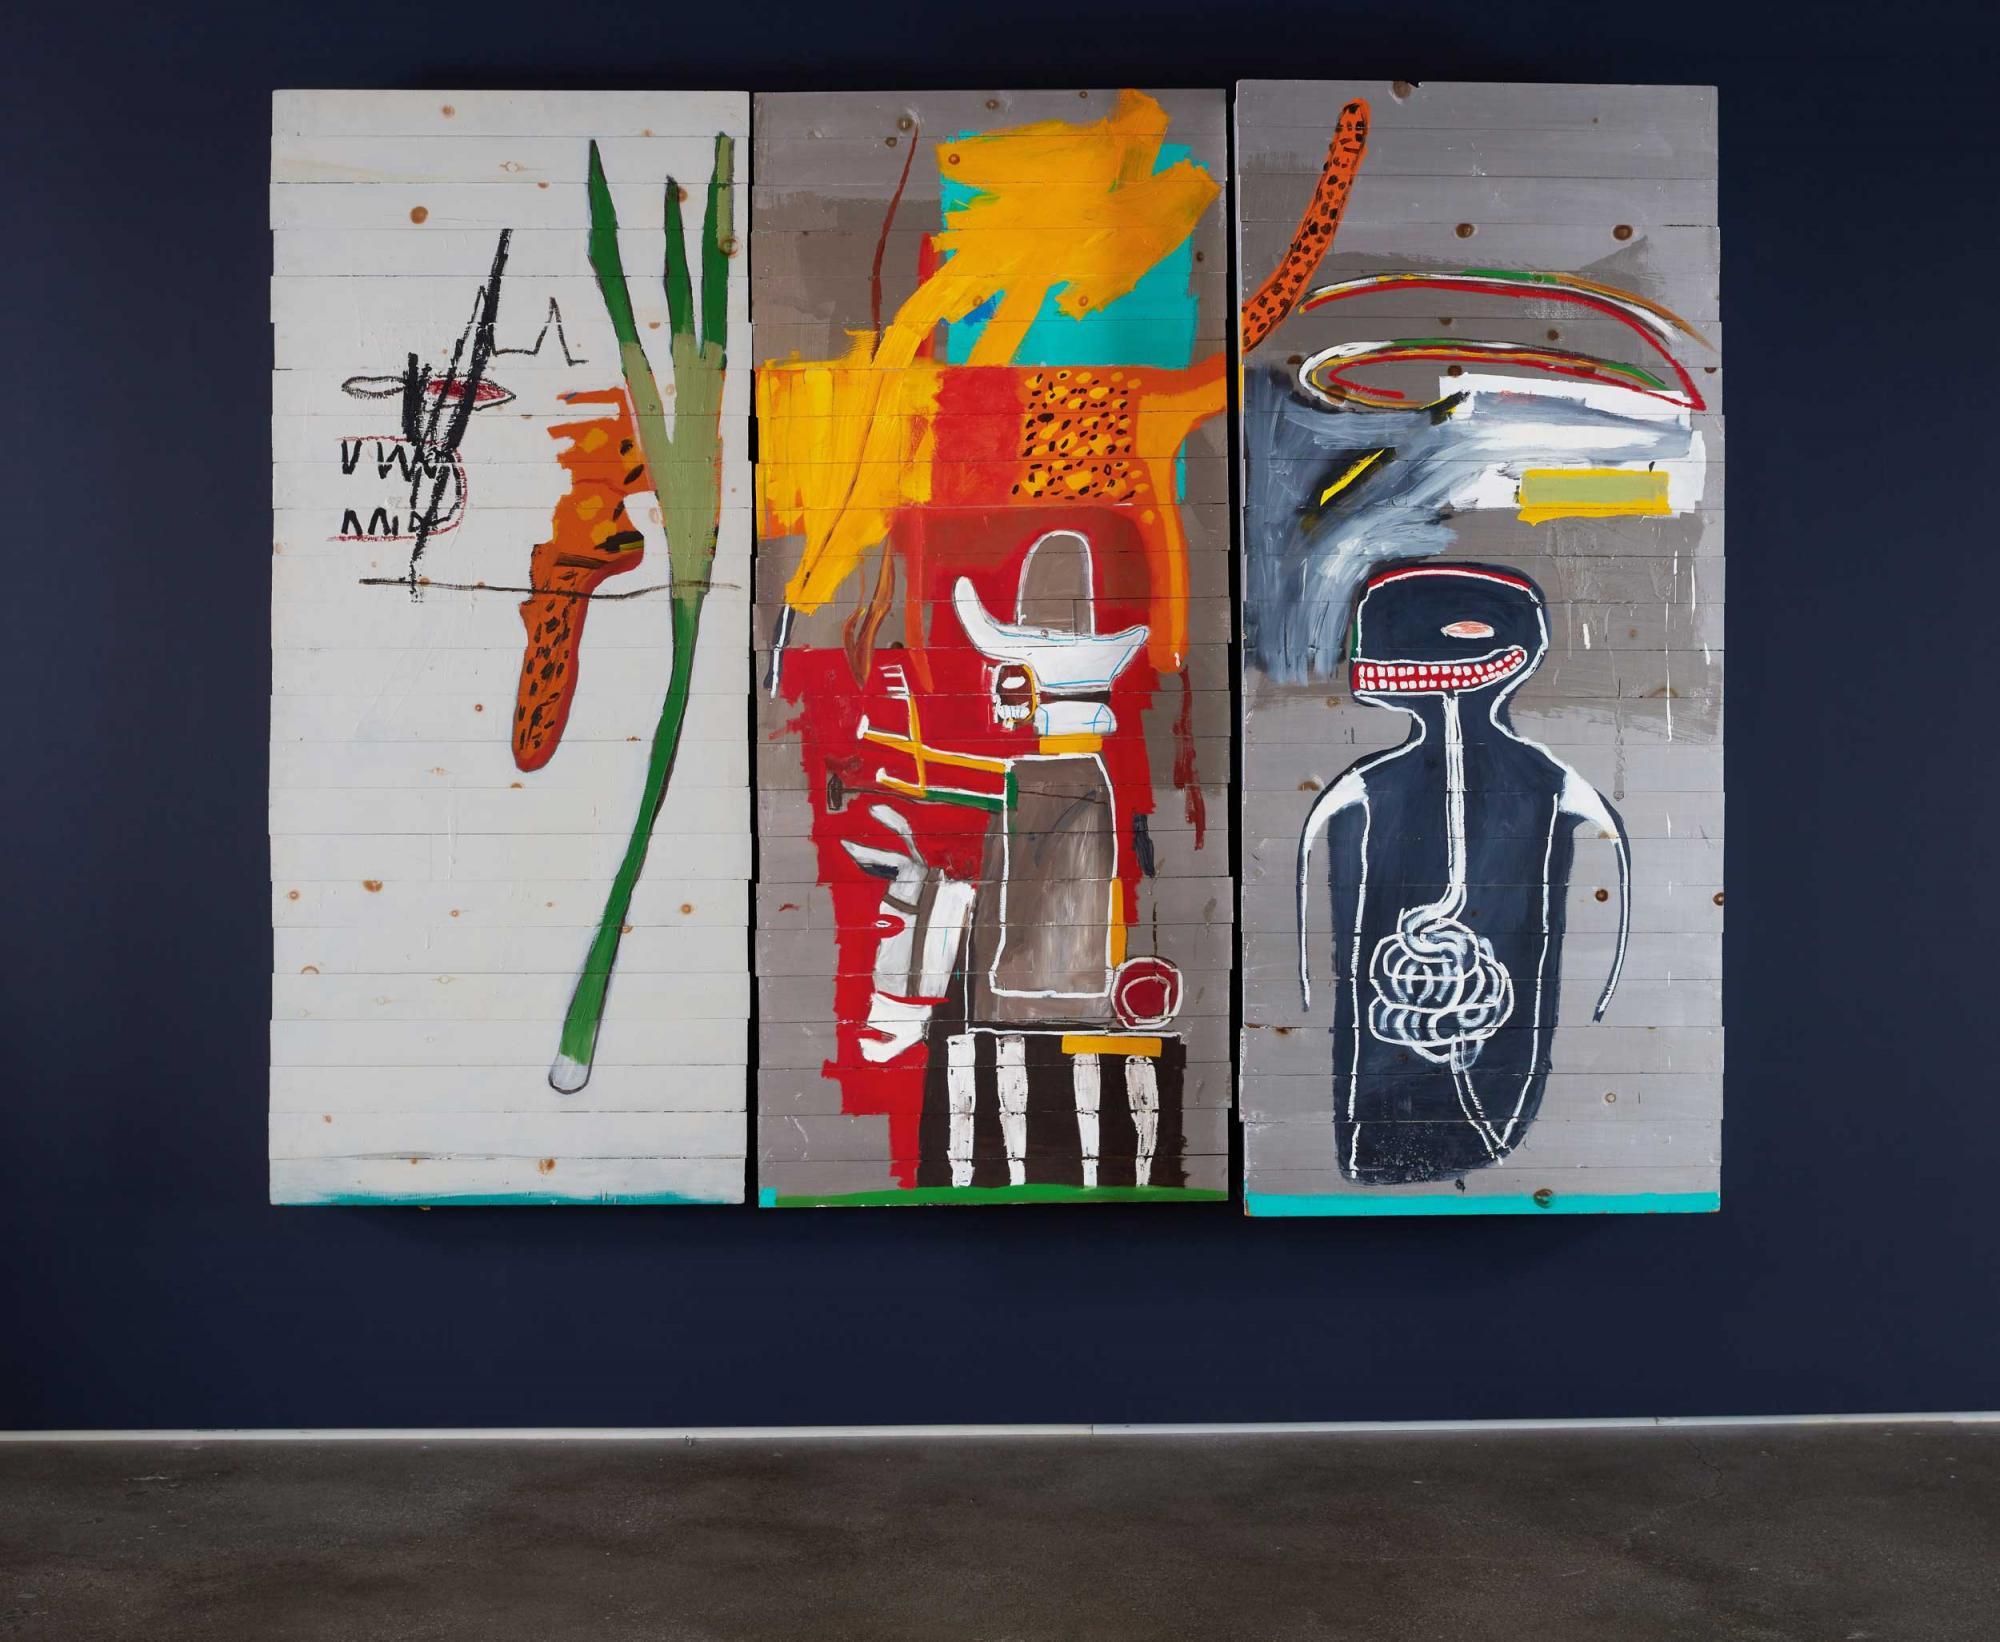 尚・米榭・巴斯基亞(Jean-Michel Basquiat)《無題》 1985年作,壓克力油彩筆木板,共三部分 217.2 x 275.6 x 30.5 公分 估價:255,000,000 – 350,000,000港元